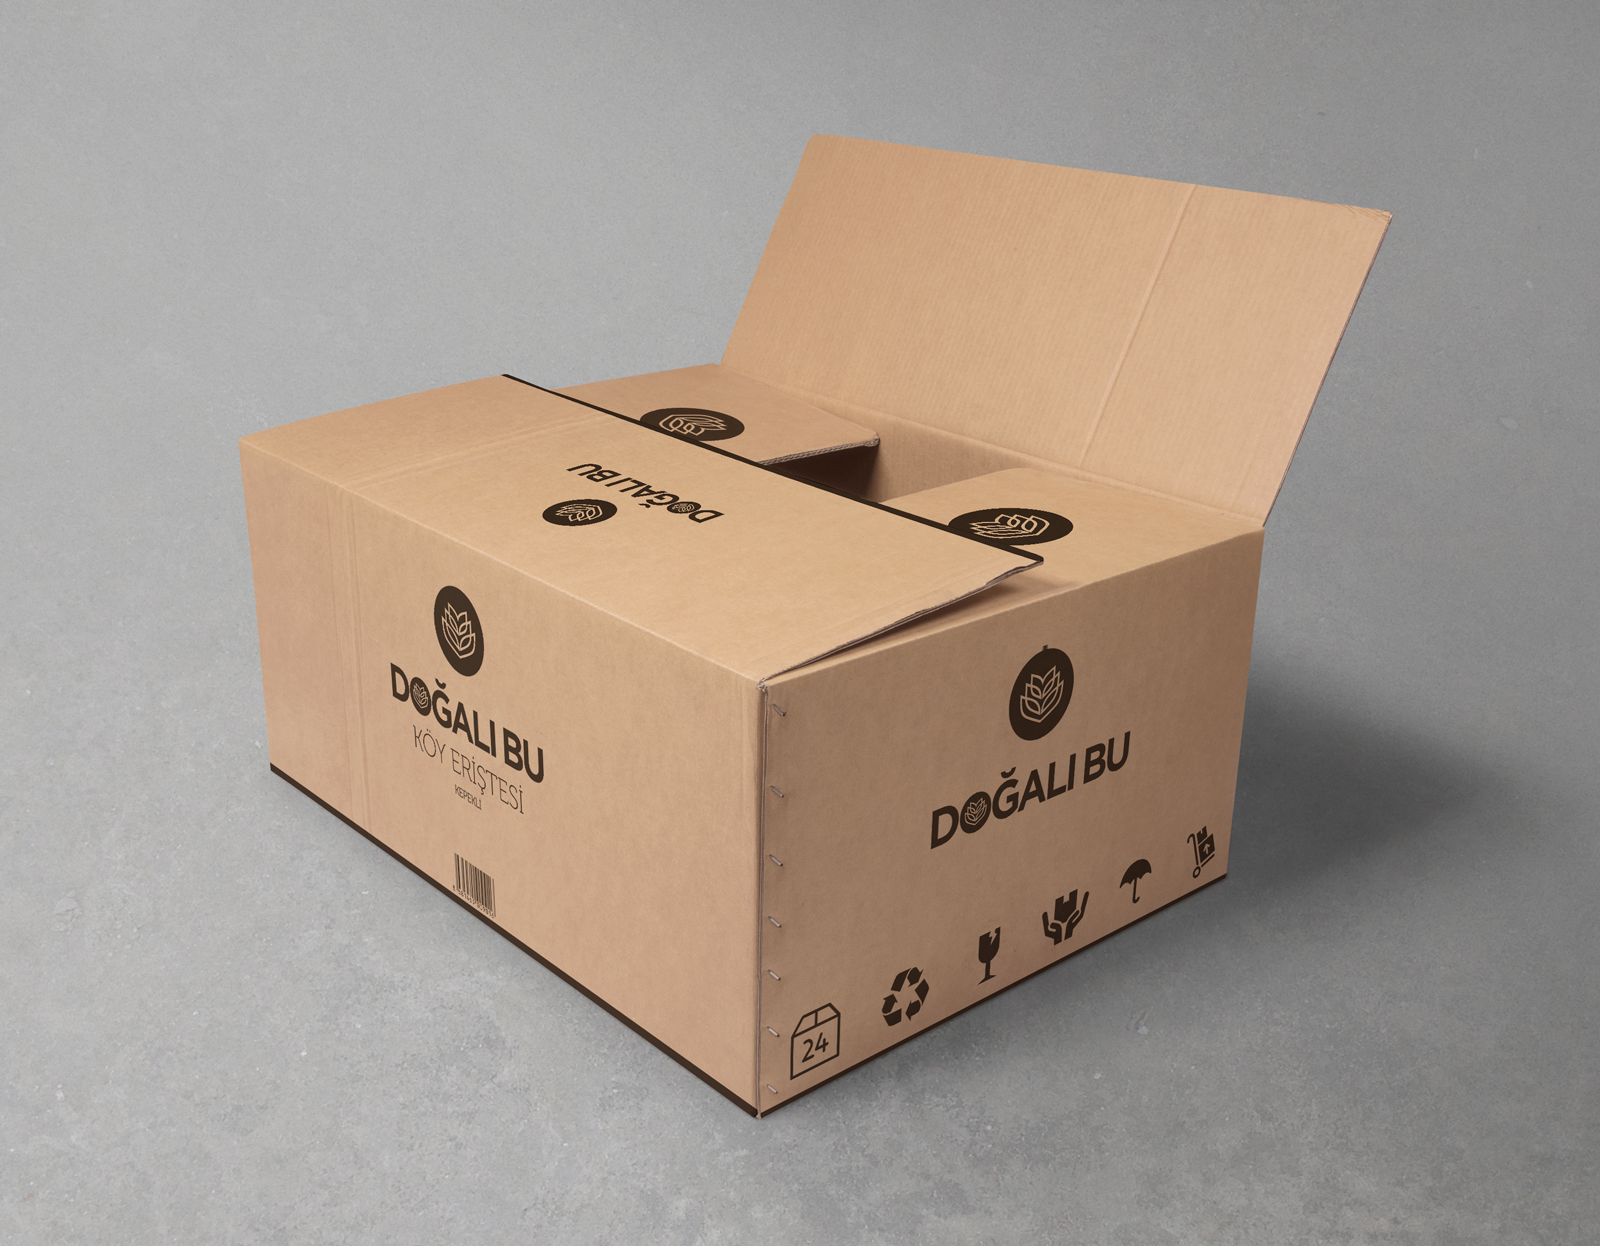 Doğalı Bu Erişte Karton Kutu Tasarımı